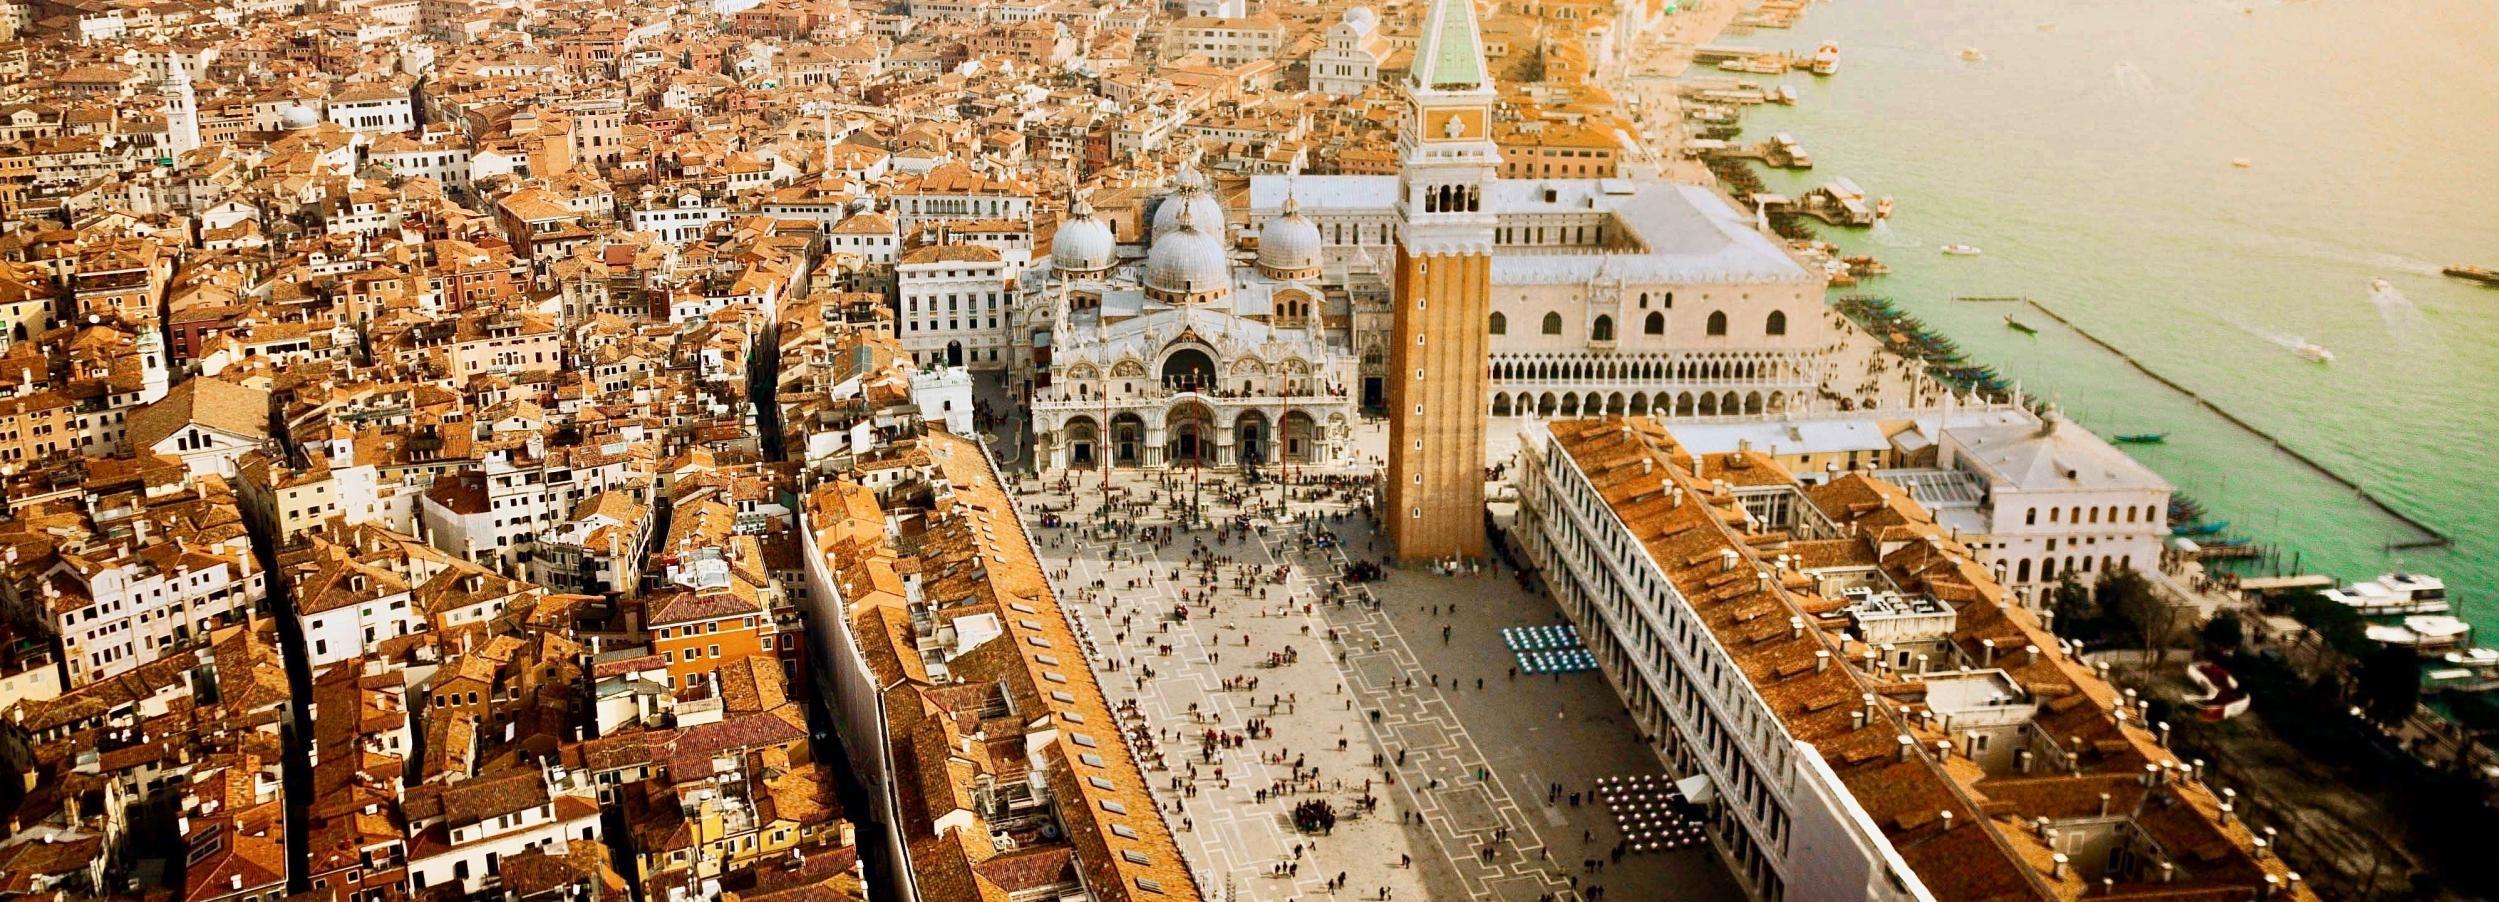 Венеция: 4-часовой тур по городу с Дворцом дожей и посещением базилики